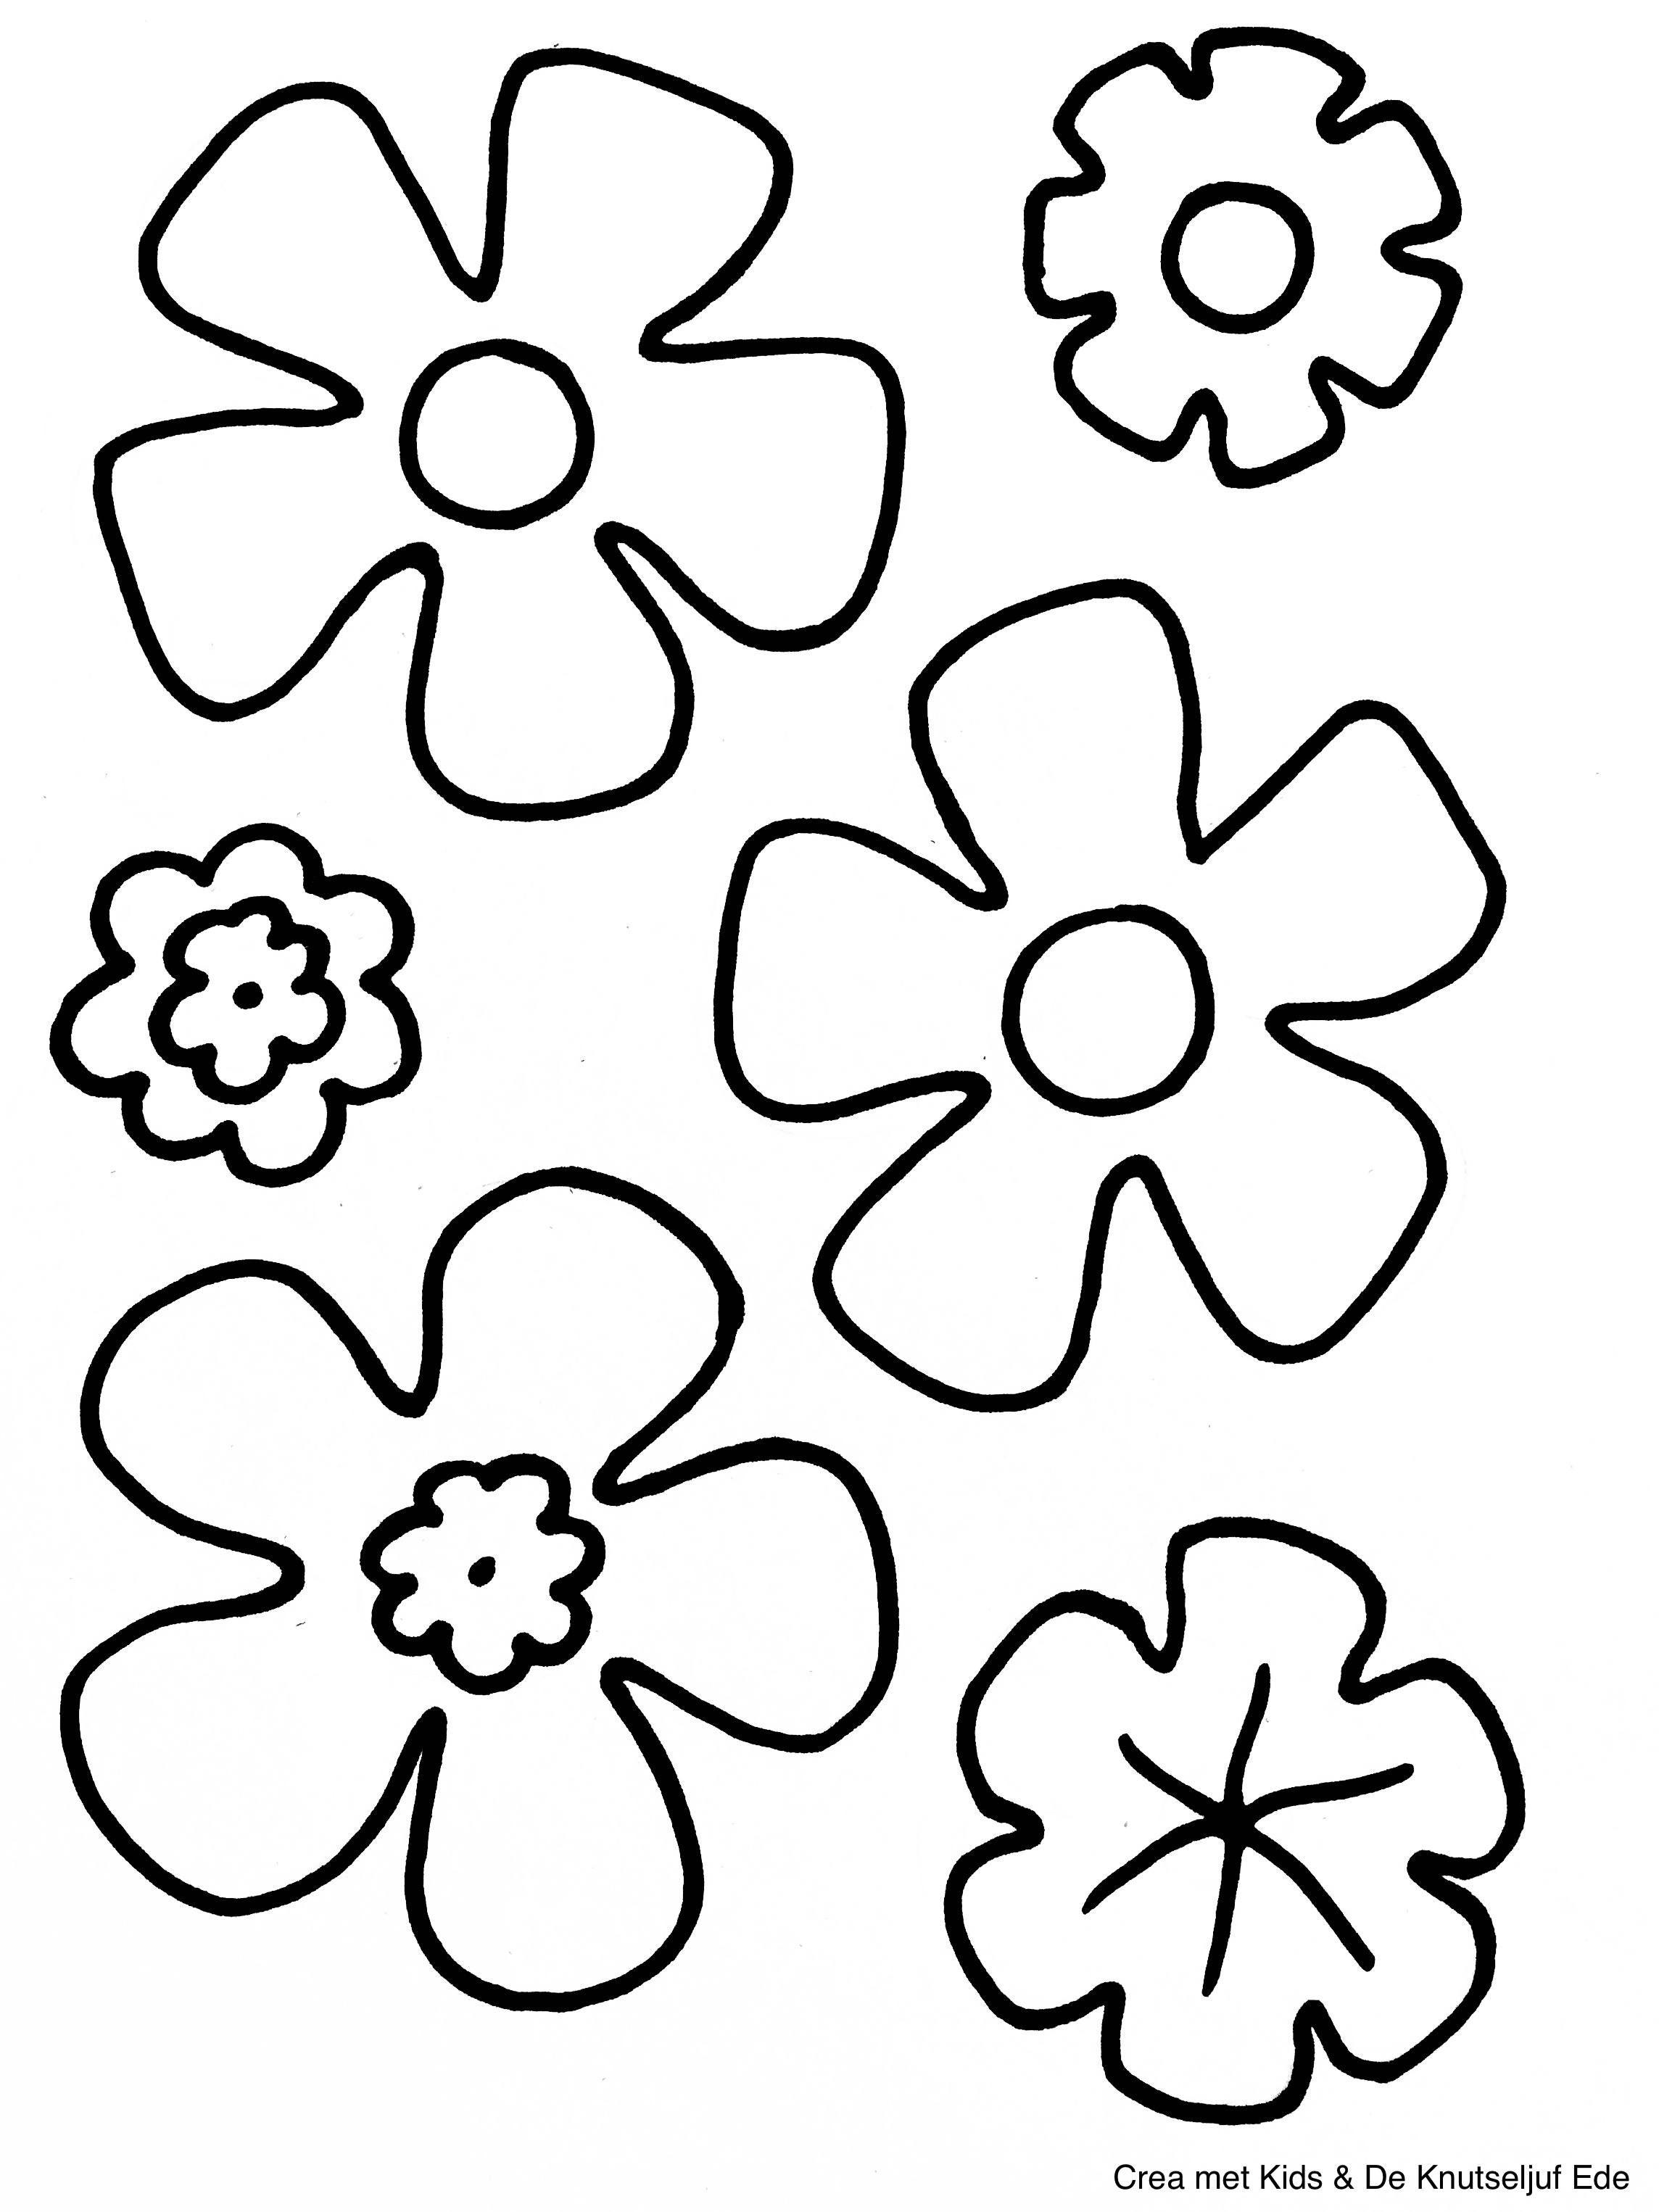 Kleurplaten Lente Voor Peuters.Kleurplaten Bloemen Kleurplaten Kleurplaat Kleurplaat Bloemen